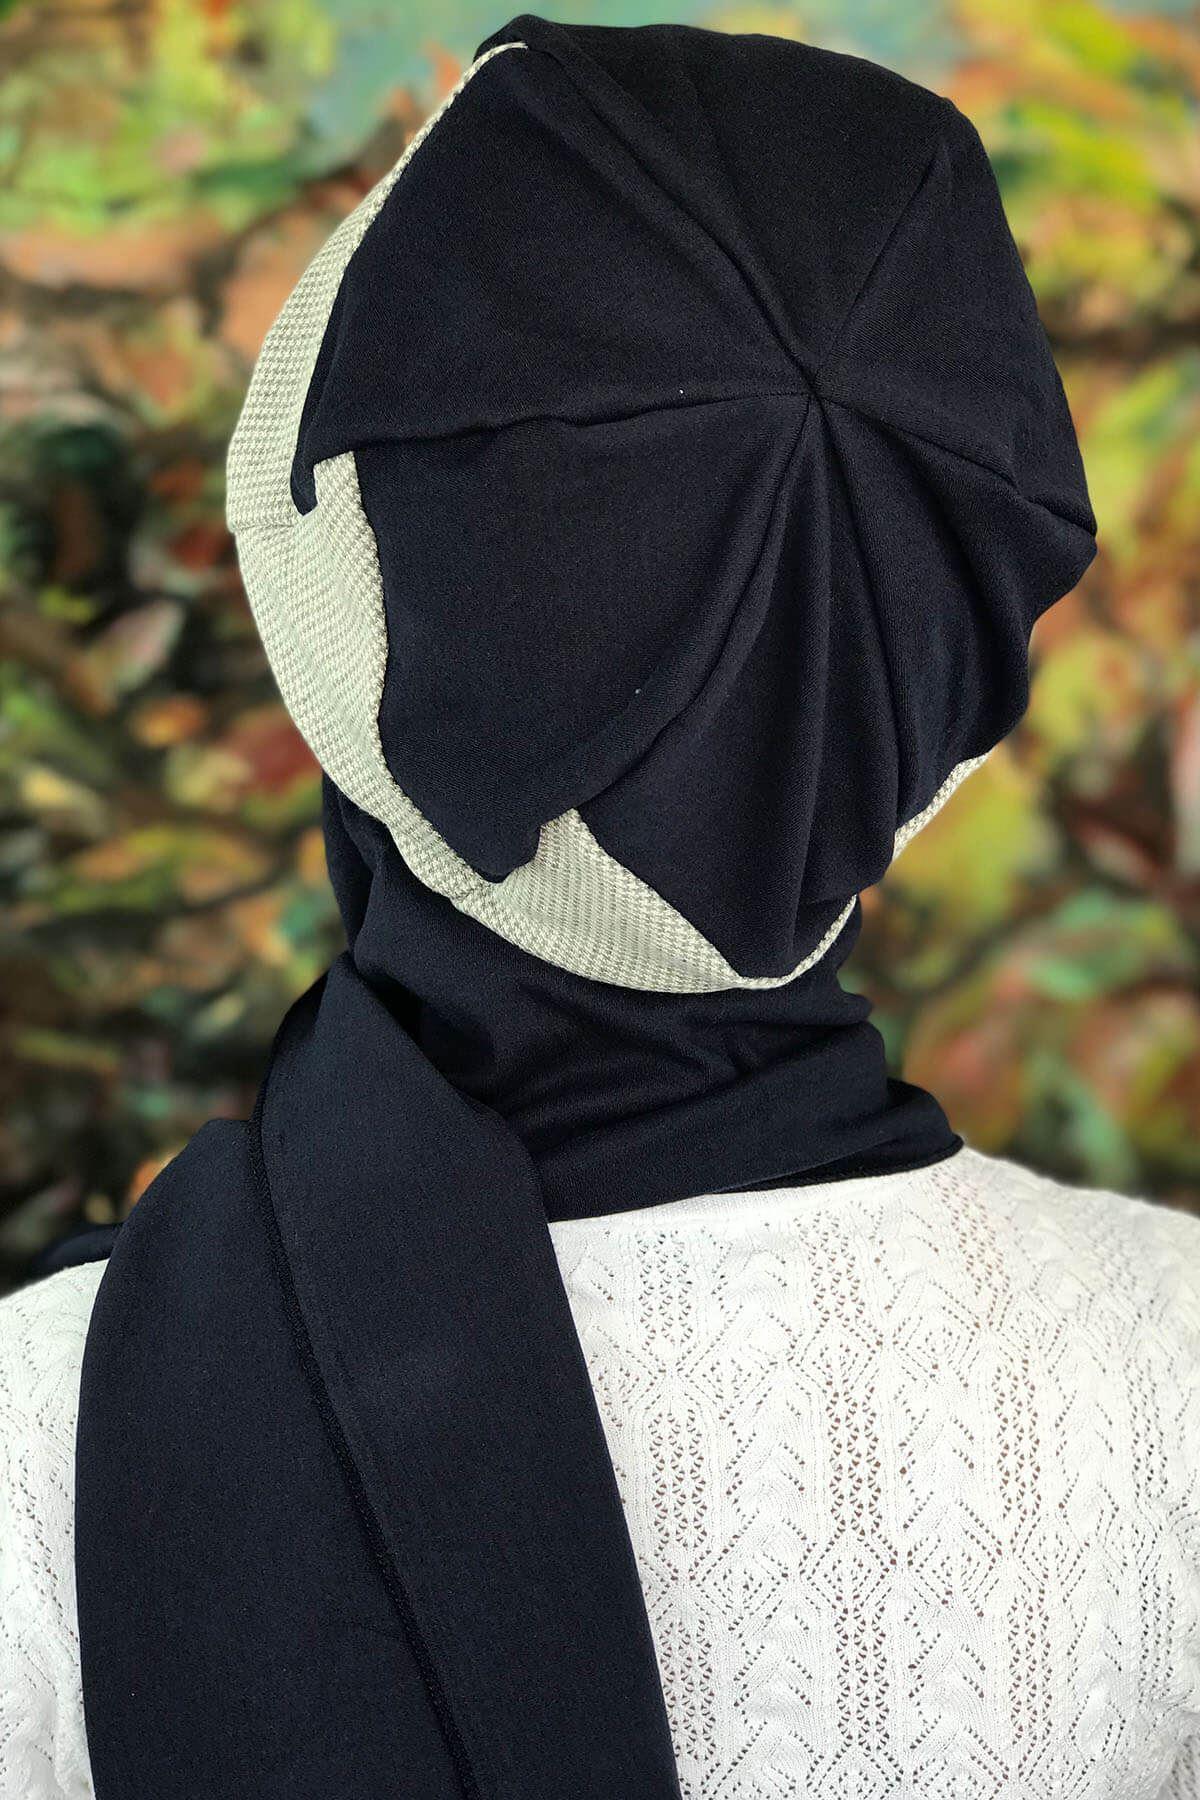 Gri Kazayağı Lacivert Çarkıfelek Model Tokalı Lacivert Atkılı Şapka Şal